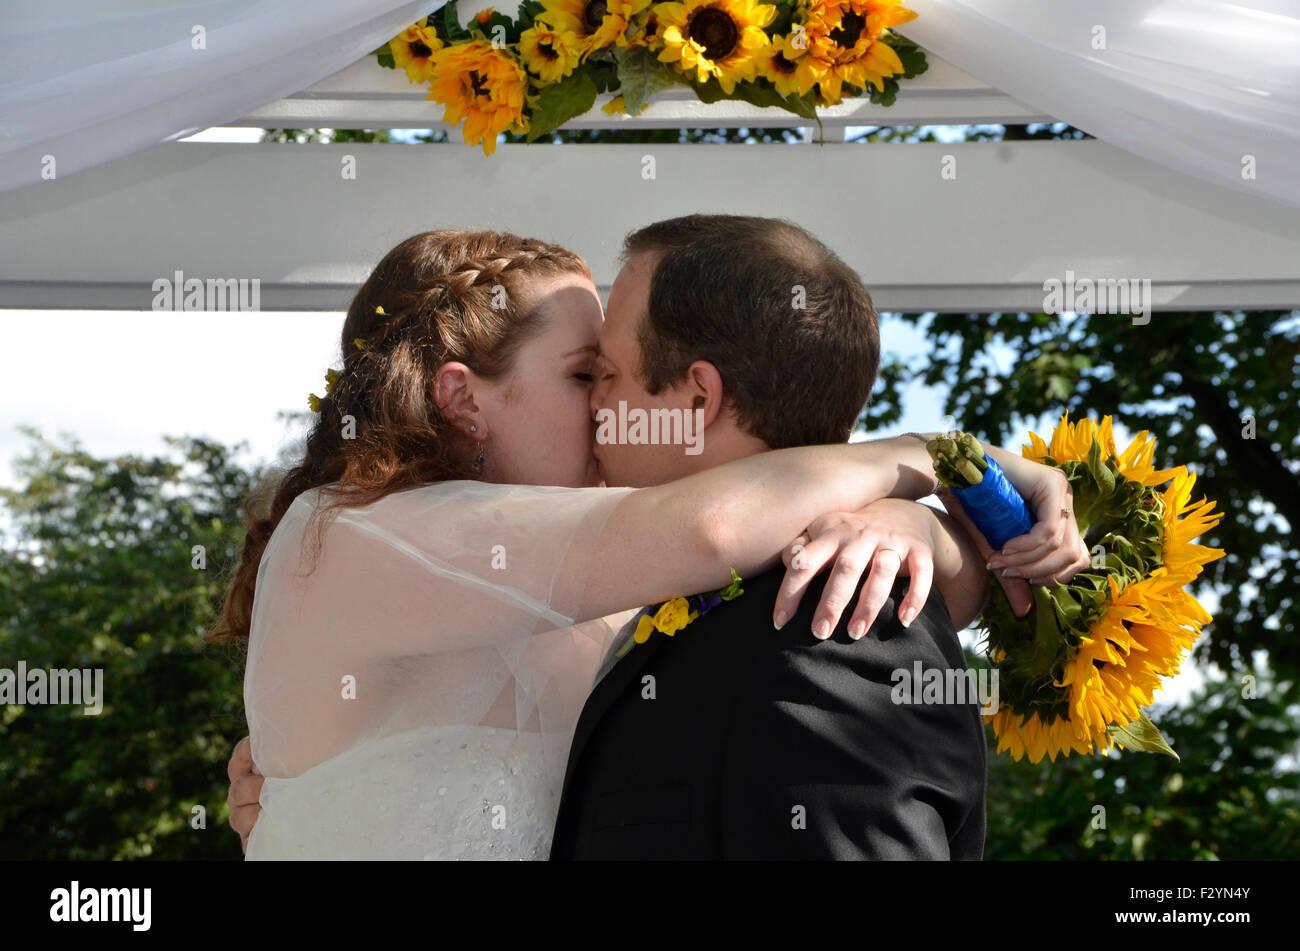 Mann und Frau haben einen leidenschaftlichen Kuss bei ihrer Hochzeit Stockbild